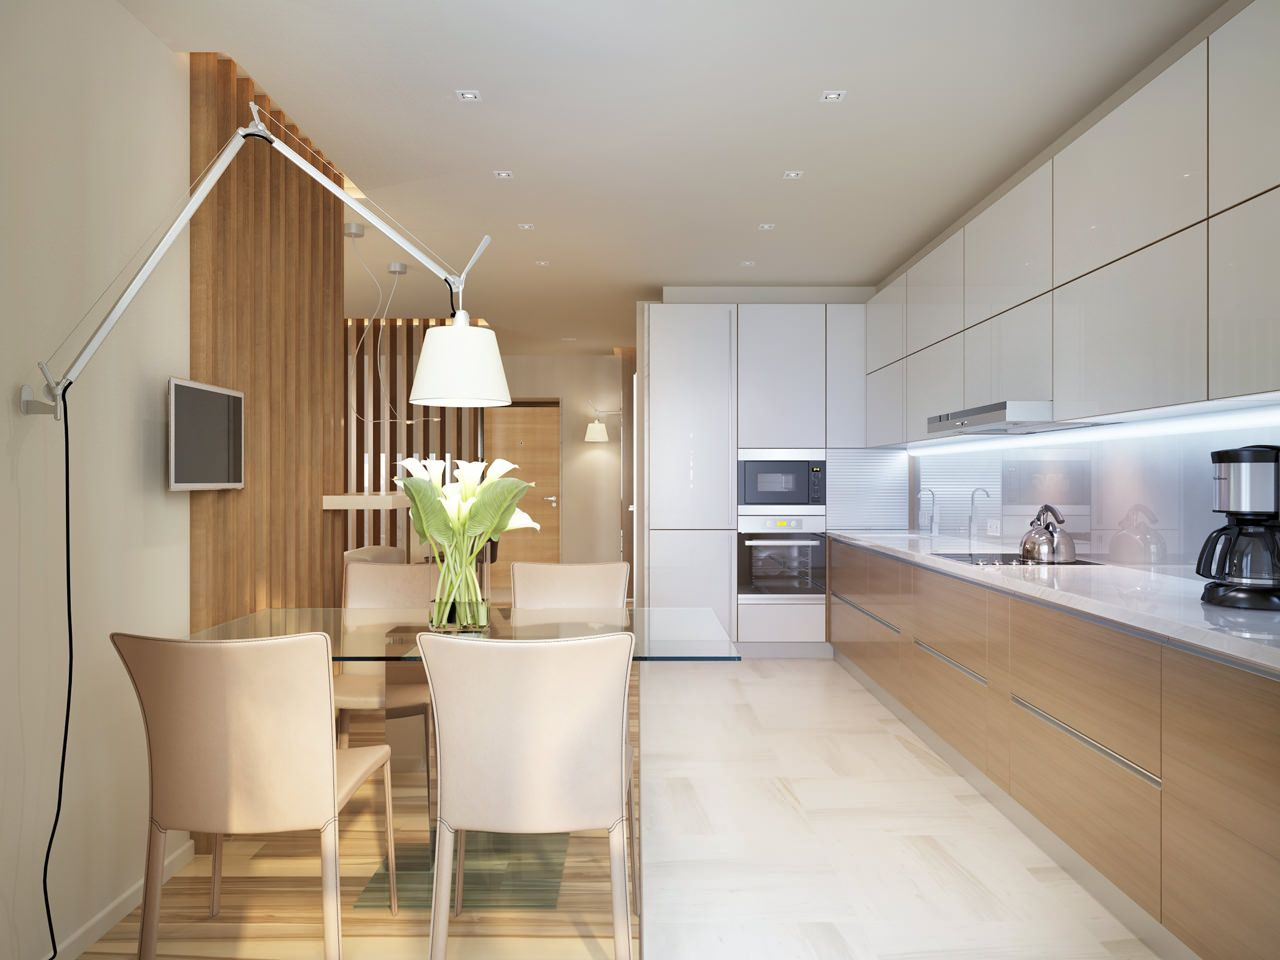 Decoraci n de interiores modernos ideas para renovar tu - Muebles cocina modernos ...